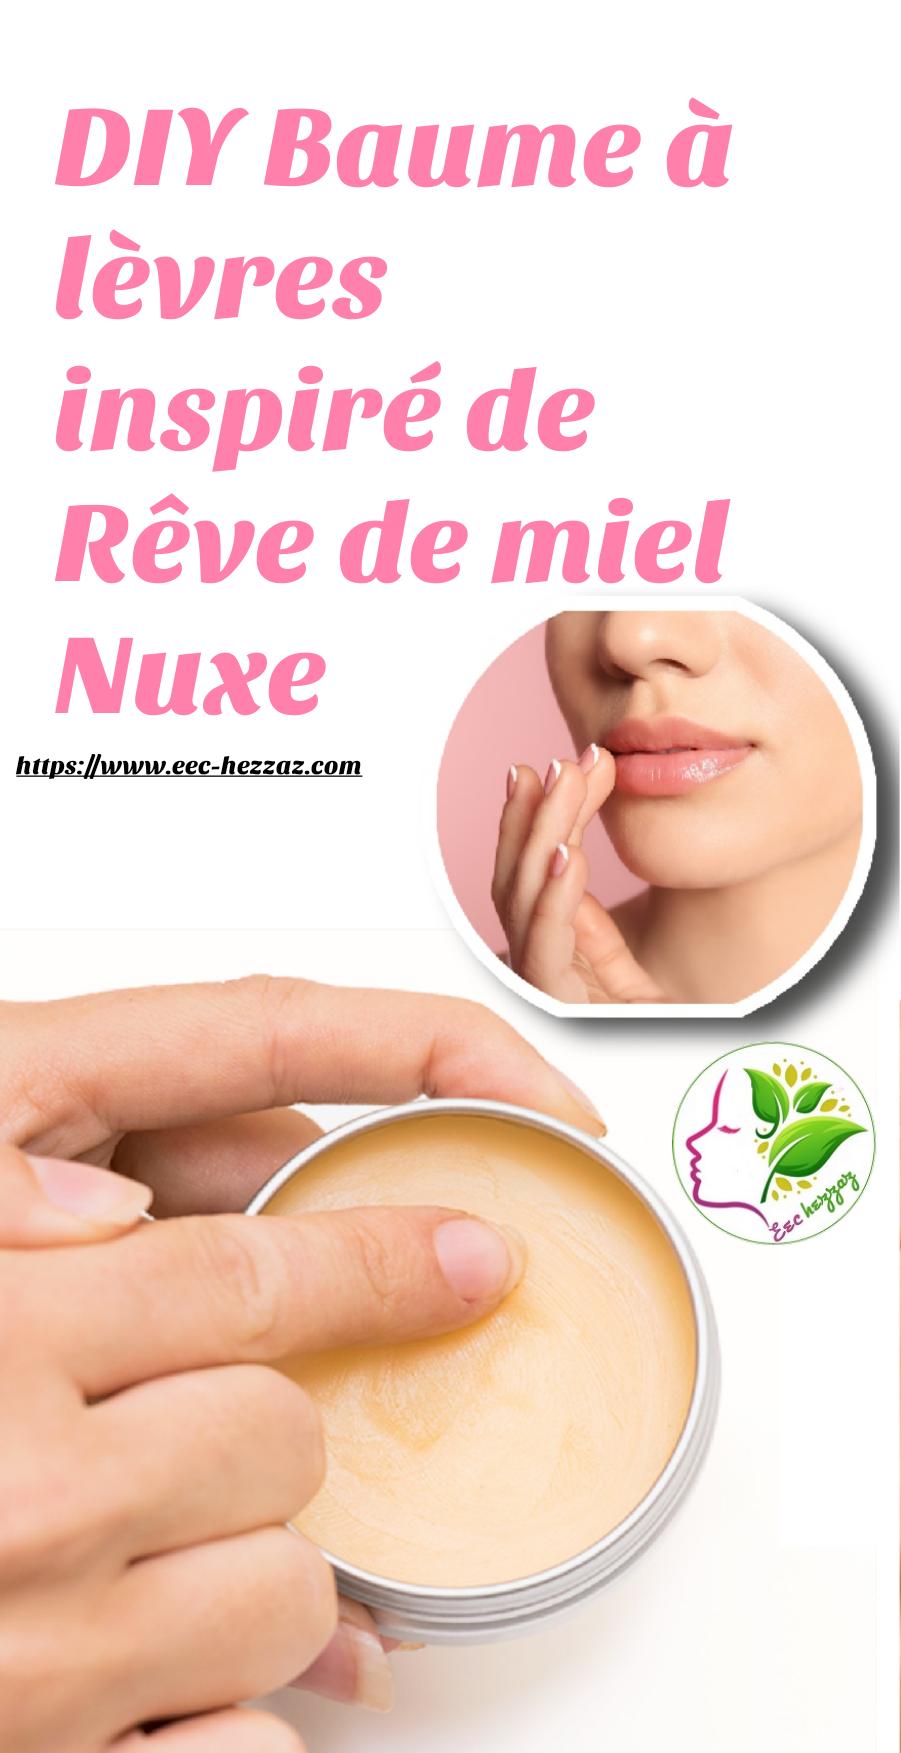 DIY Baume à lèvres inspiré de Rêve de miel Nuxe